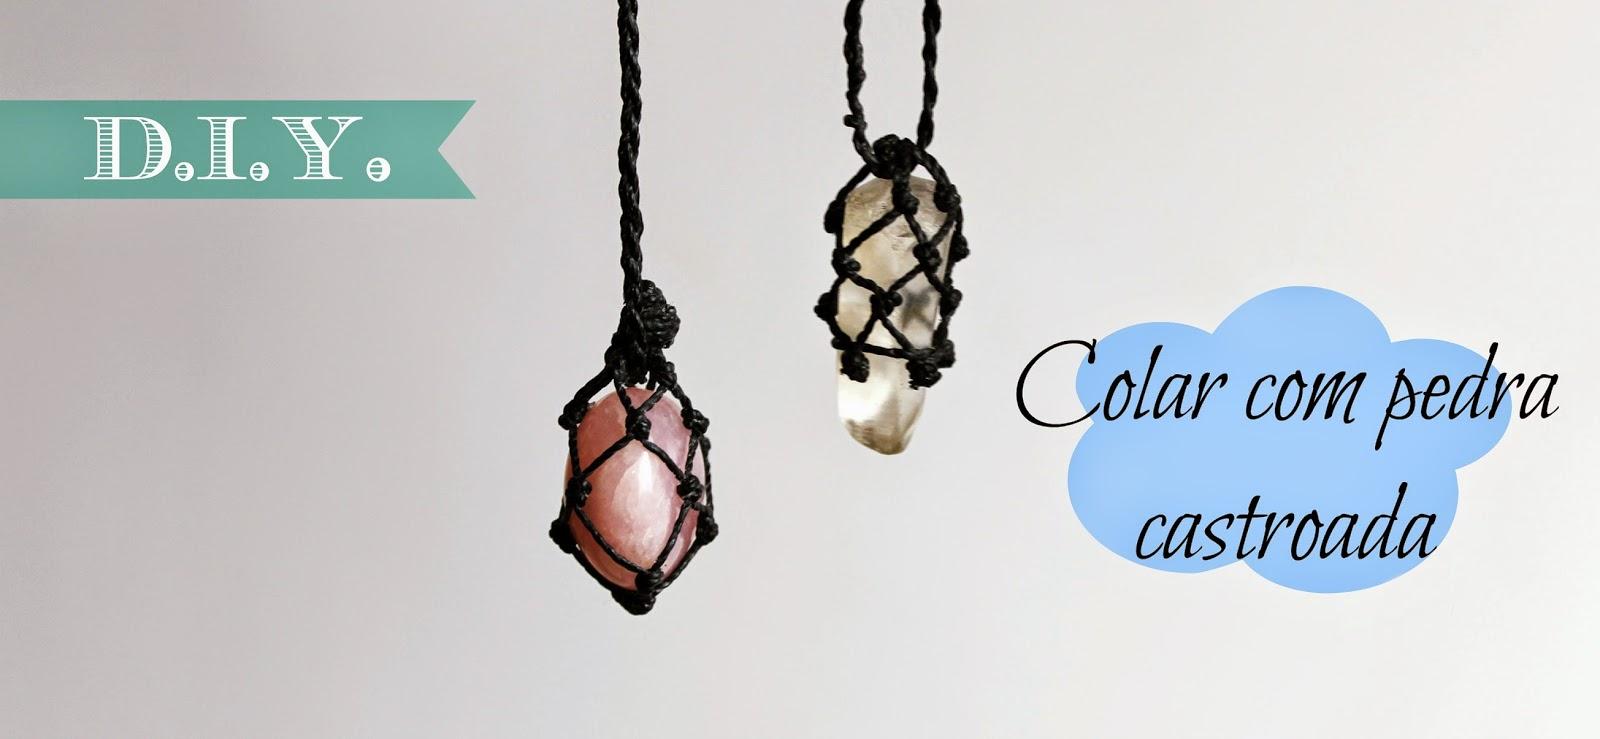 Primeiro D.I.Y. aqui do blog, e pra começar bem, minha prima linda, Inaê Diniz, ensinou a fazer um colar com pedra castroada. Ela adora fazer essas coisas ...